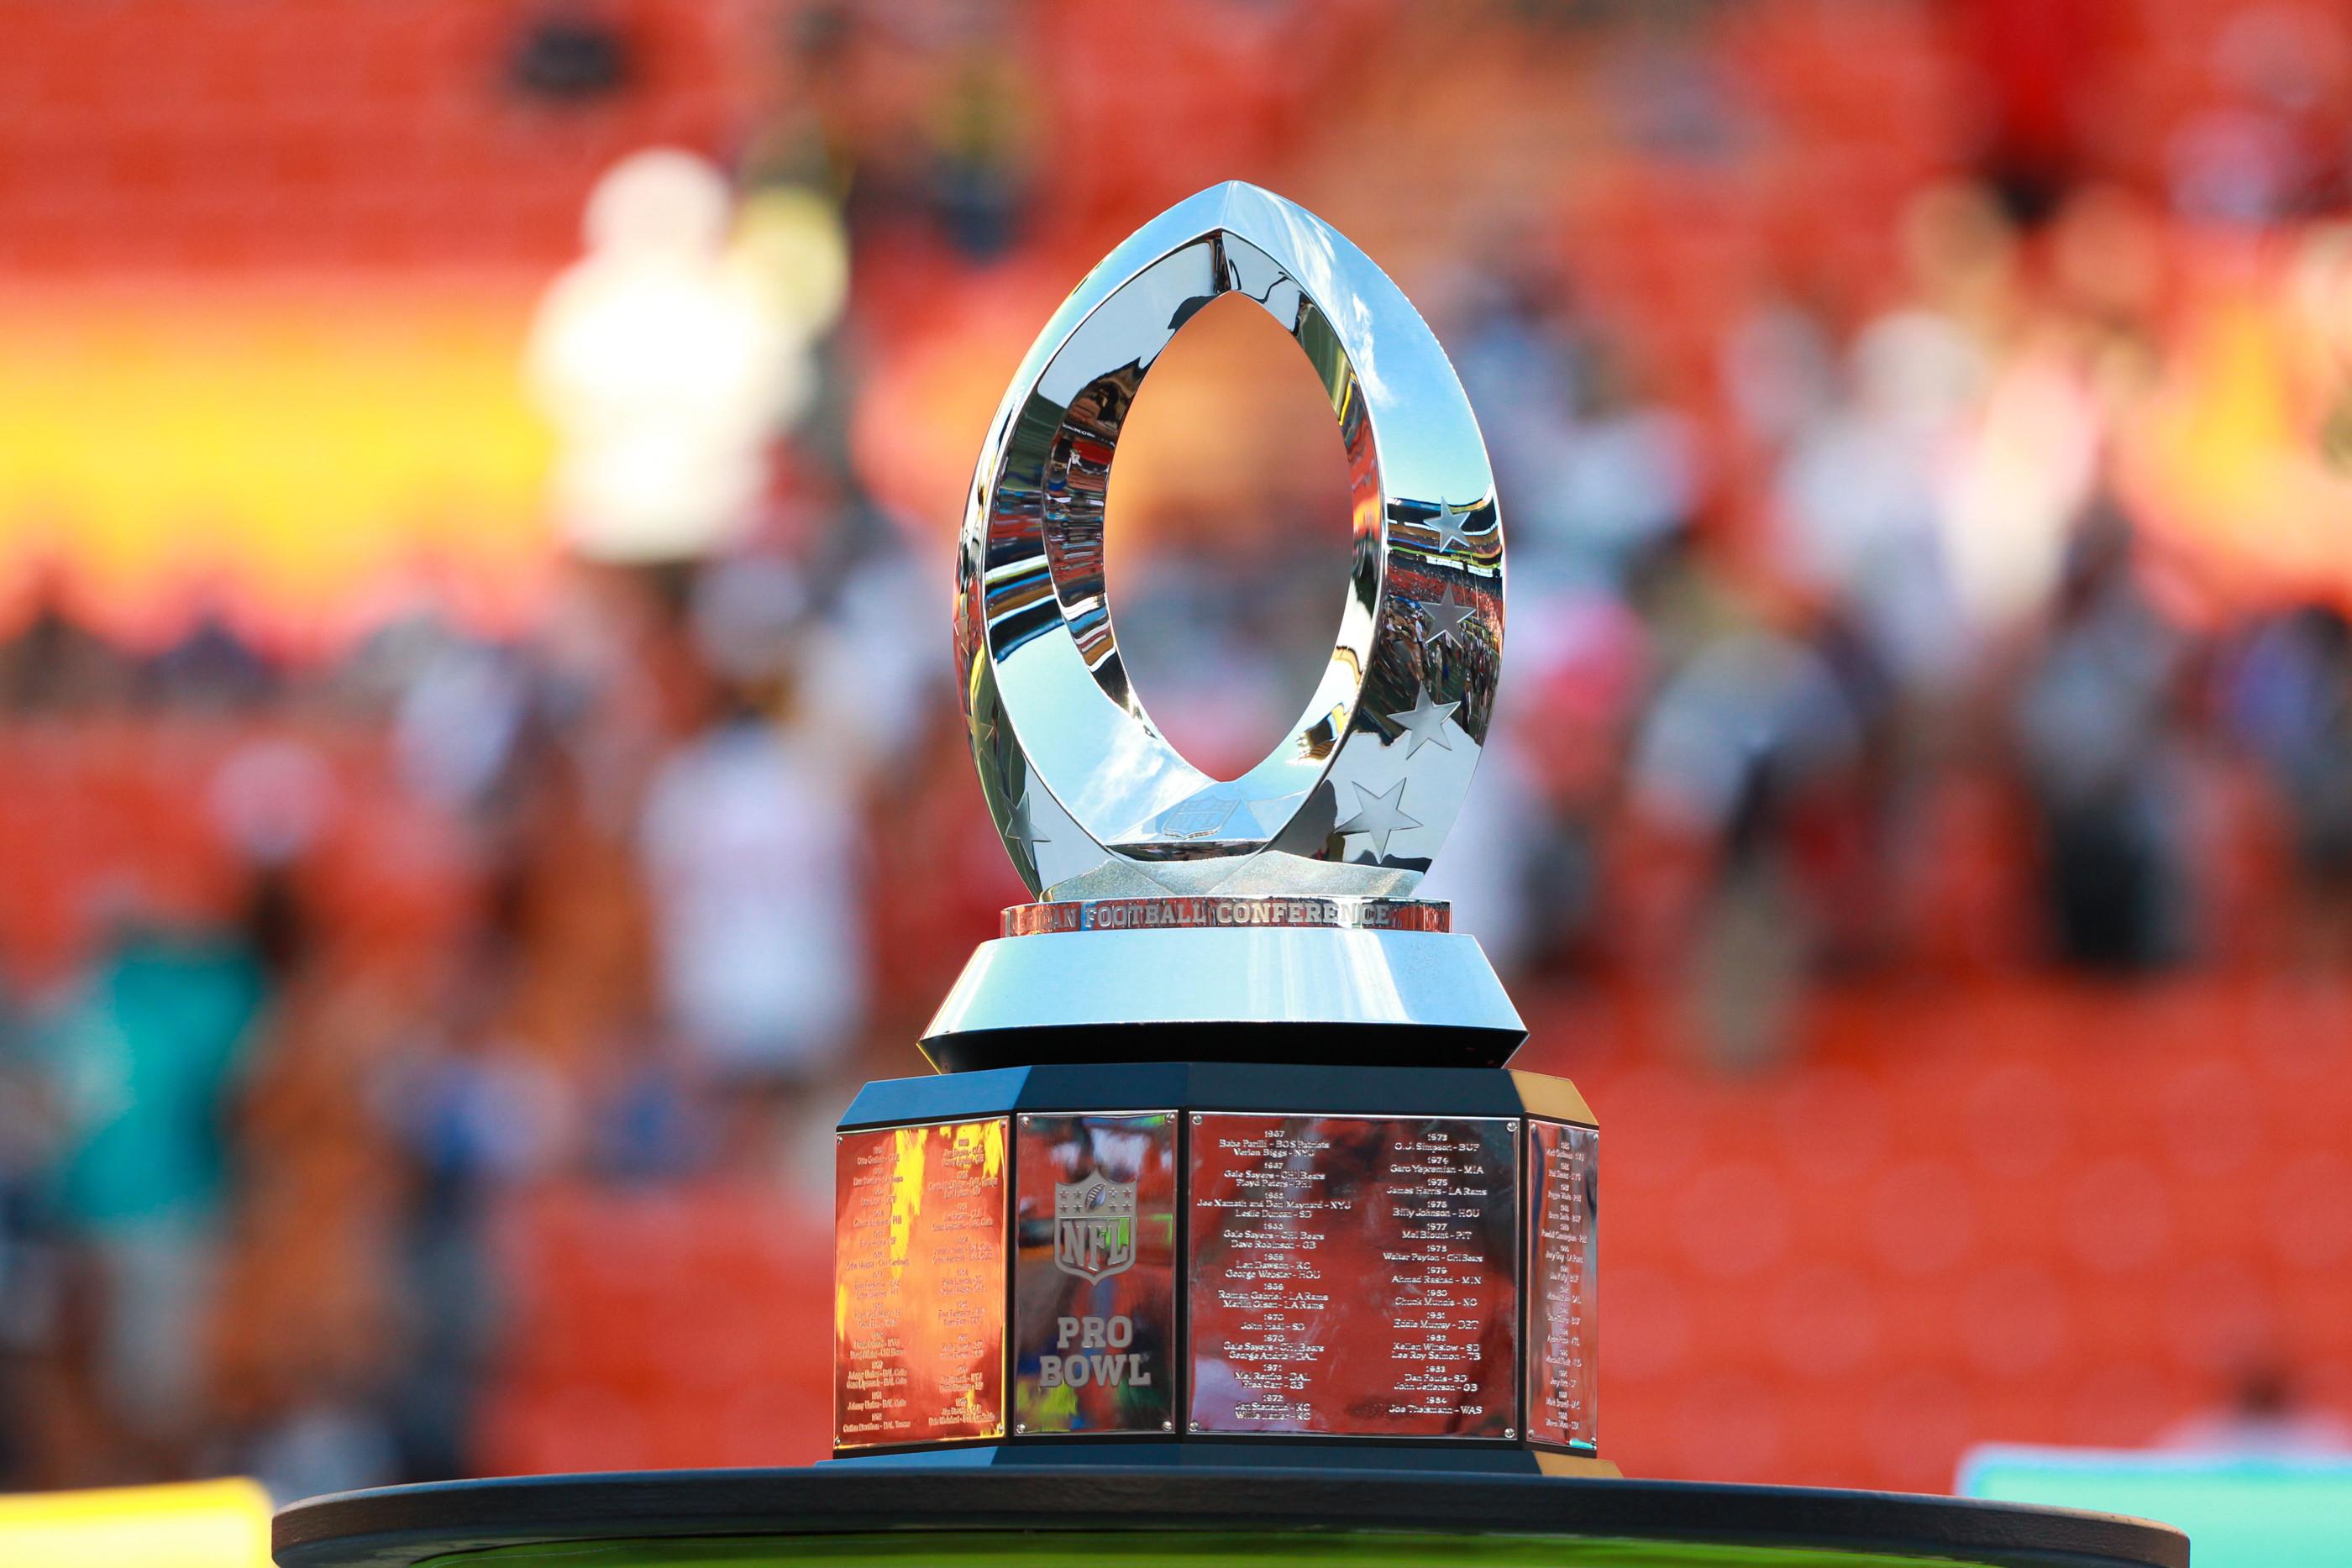 Trophy of the Pro Bowl at Aloha Stadium on Oahu, HI.